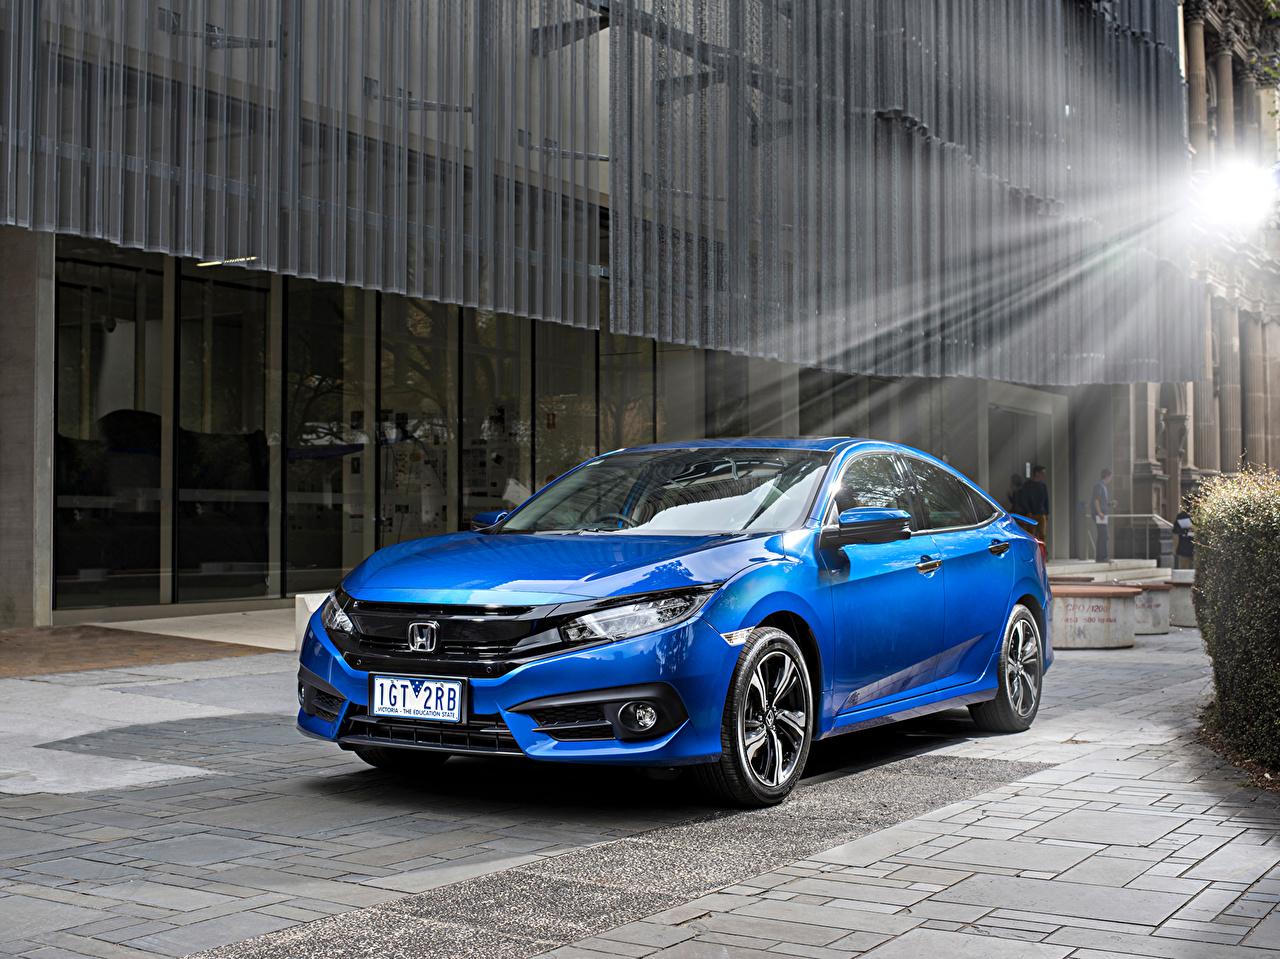 Обои для рабочего стола Honda 2016 Civic Sedan RS Седан синяя Металлик Автомобили Хонда синих синие Синий авто машина машины автомобиль